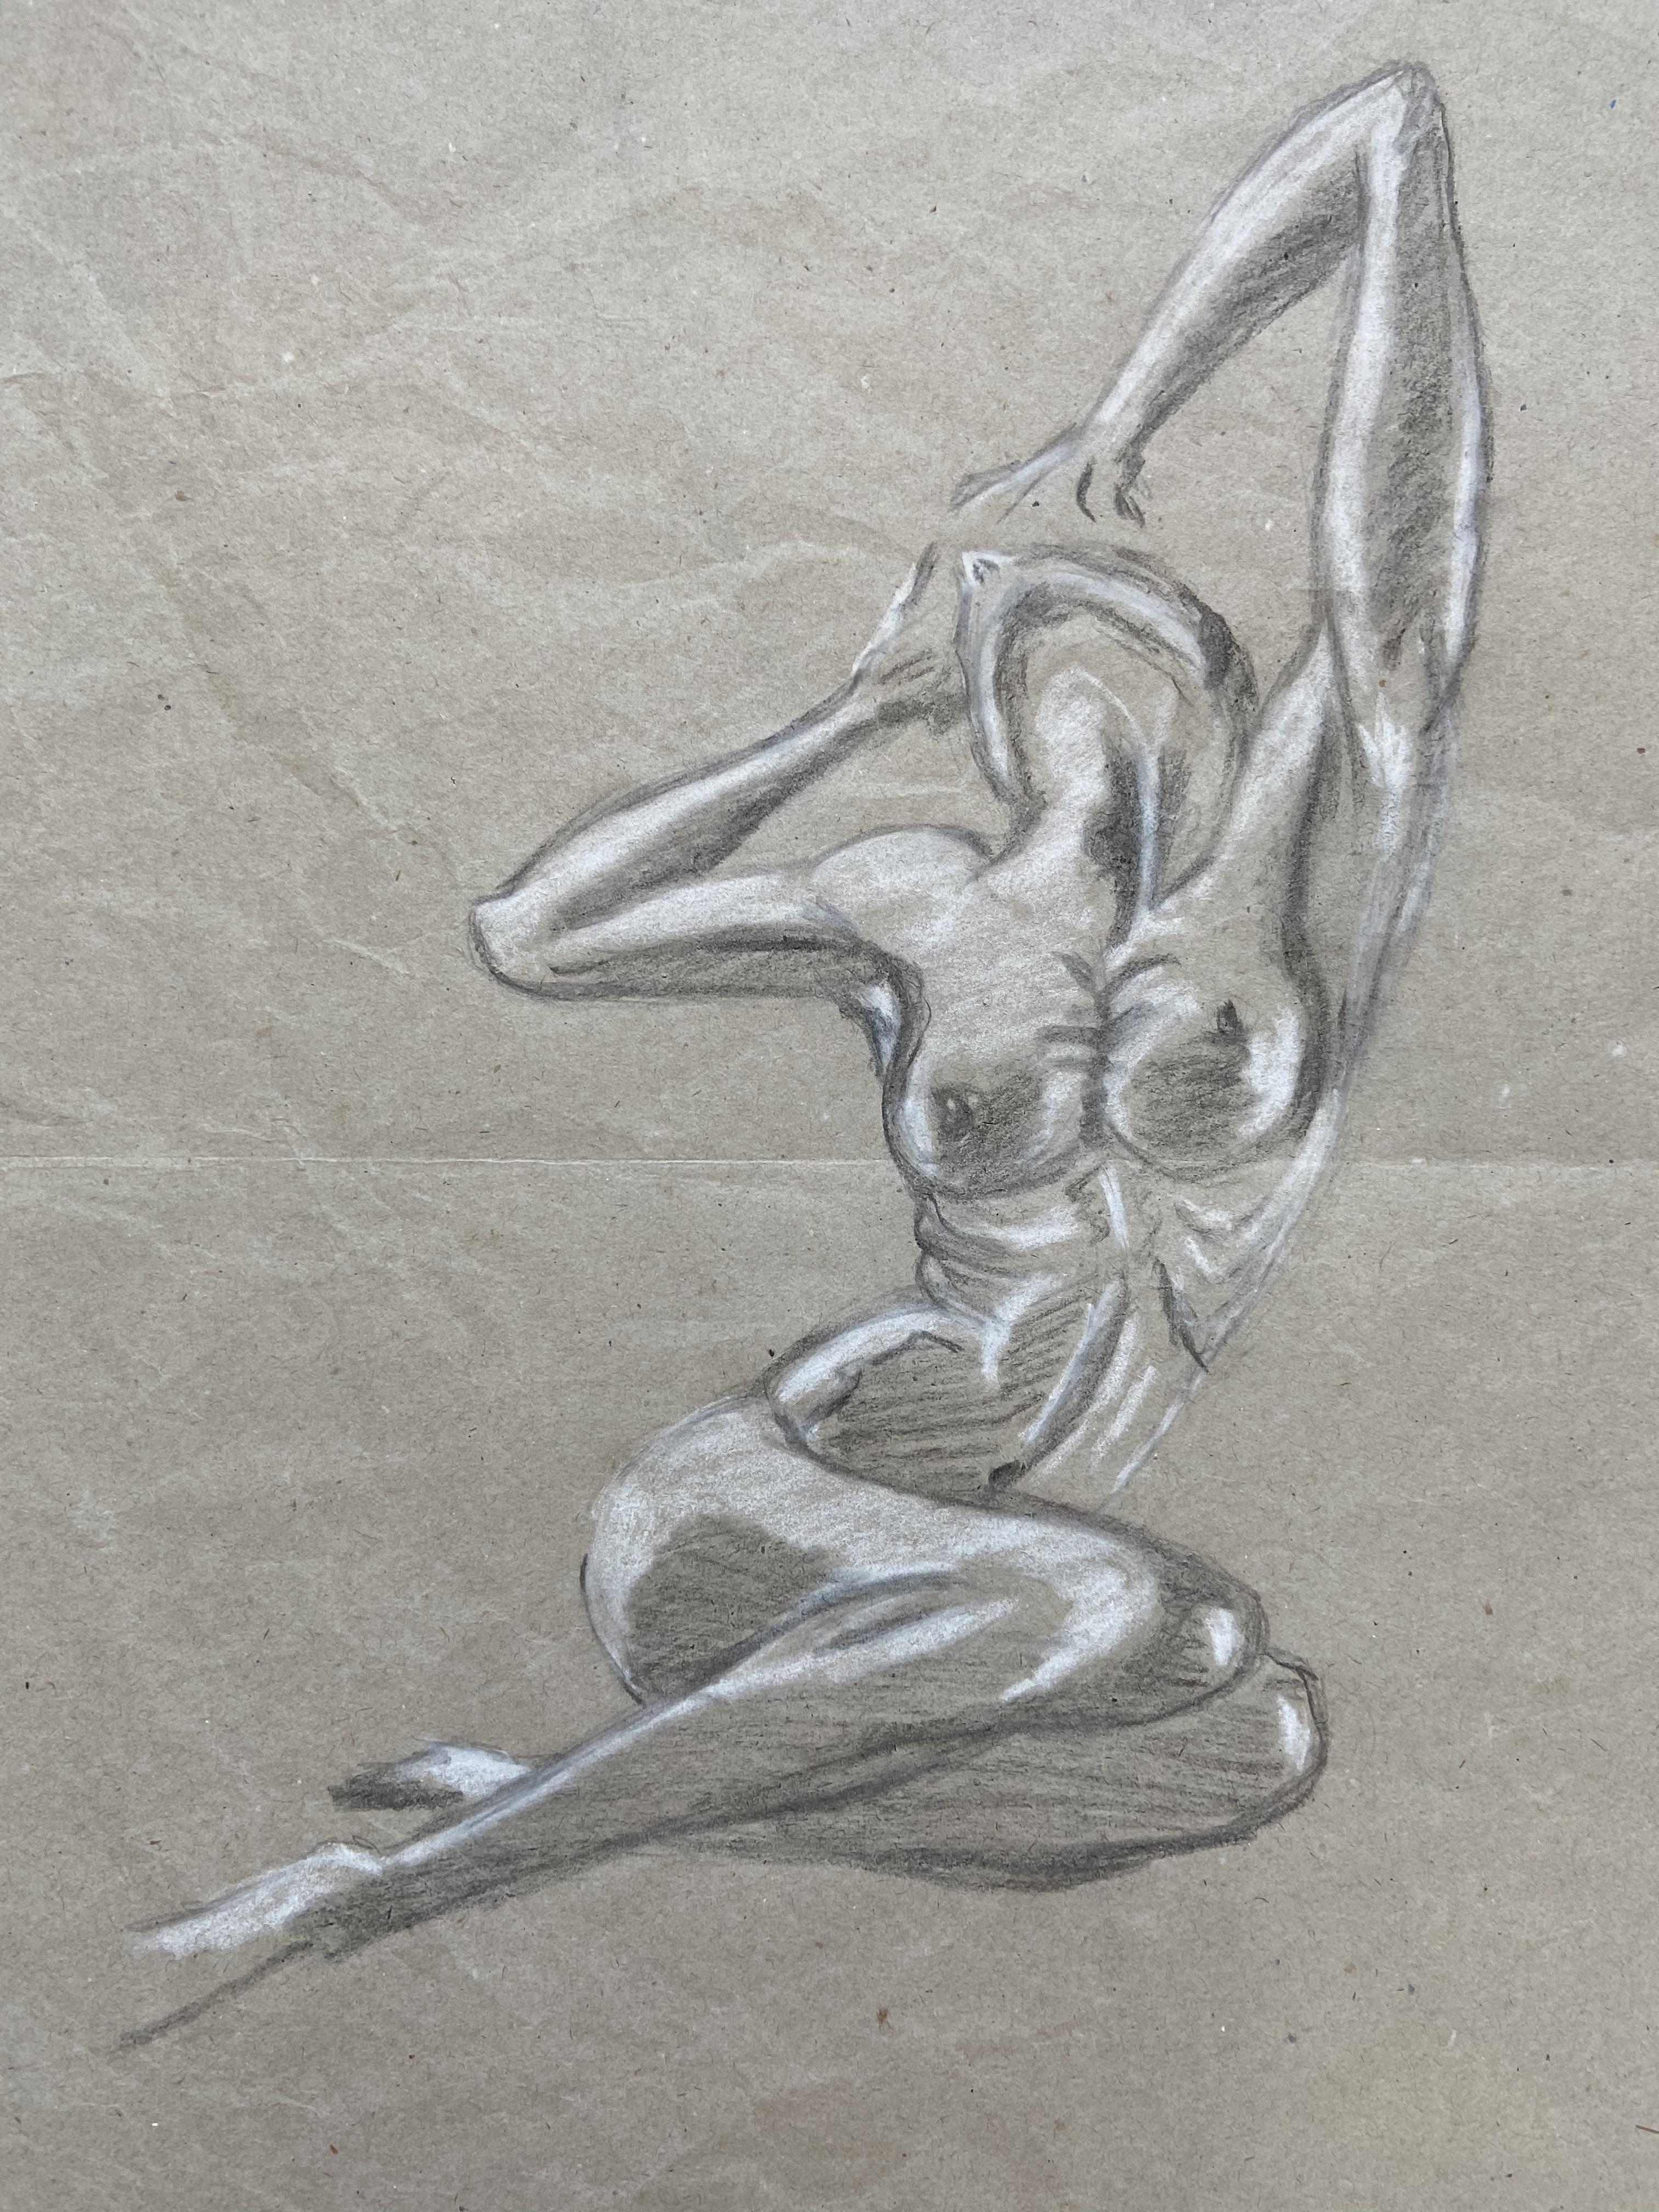 Mod�le vivant crayon noir et crayon blanc sur papier recycl� dessin  cours de dessin